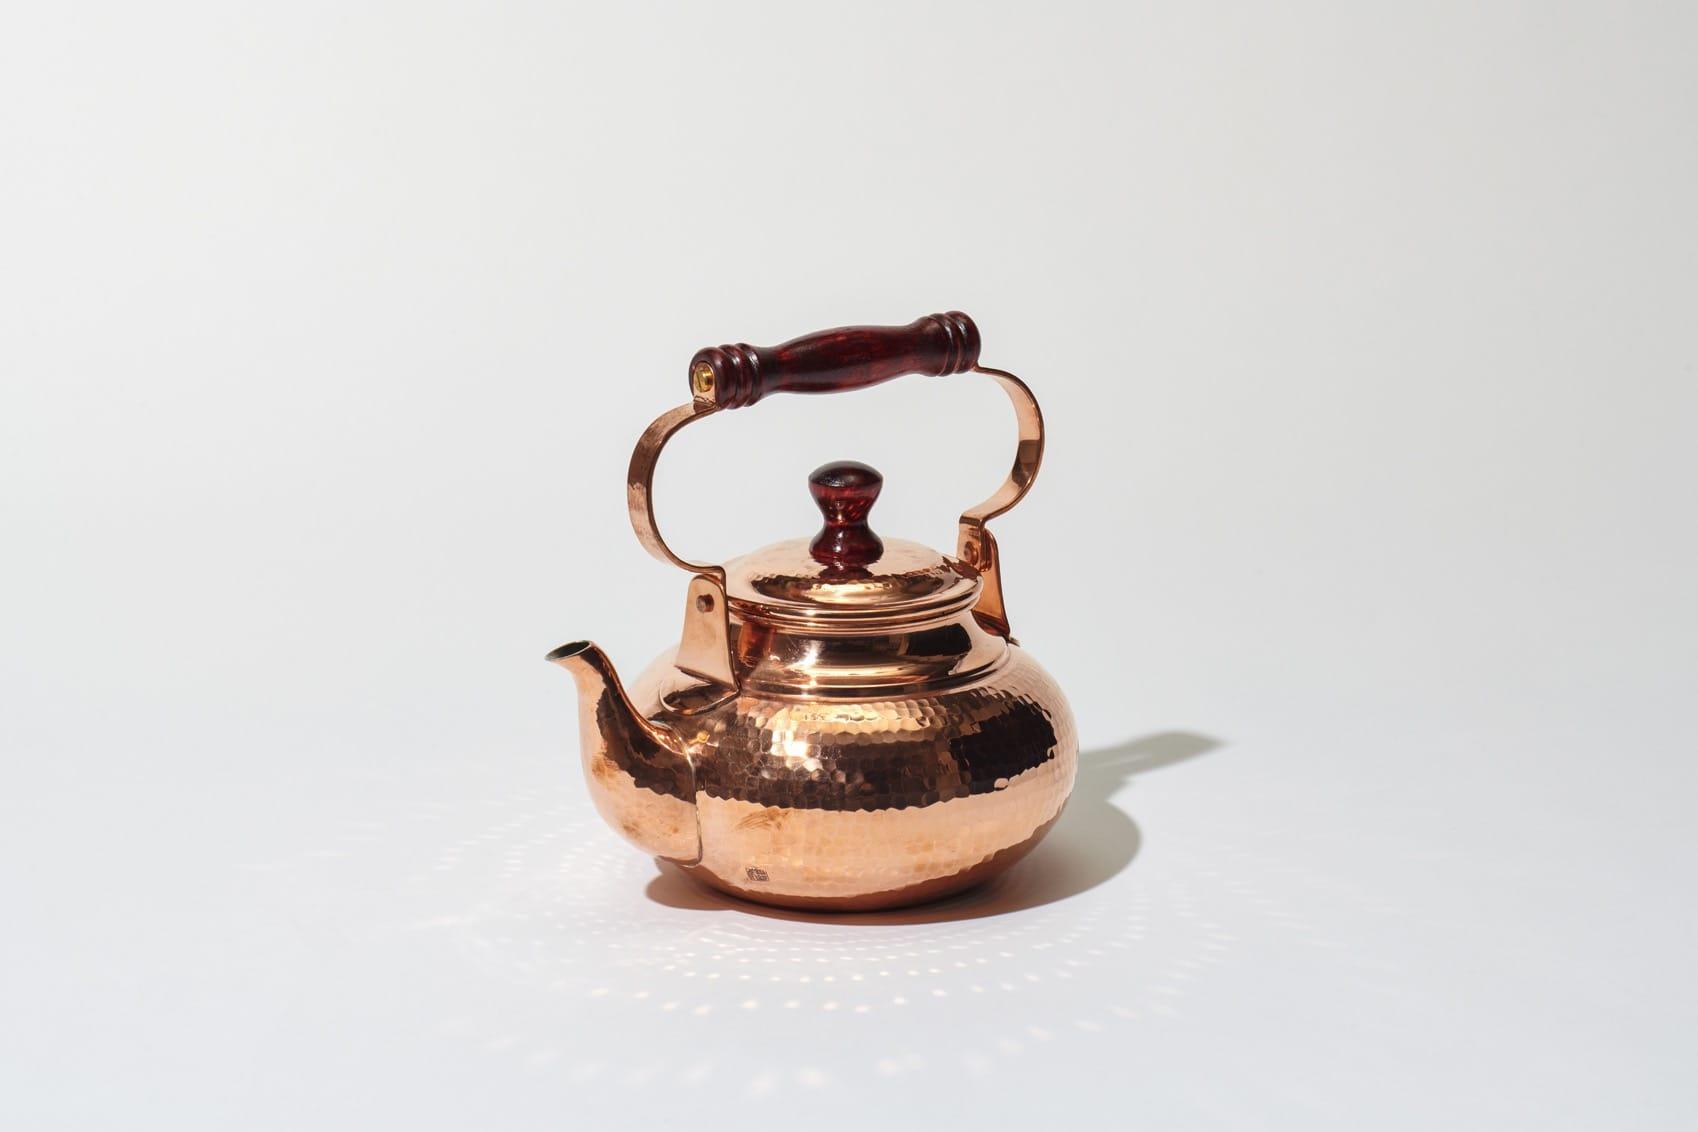 特選銅製ケトル(2L)物撮り